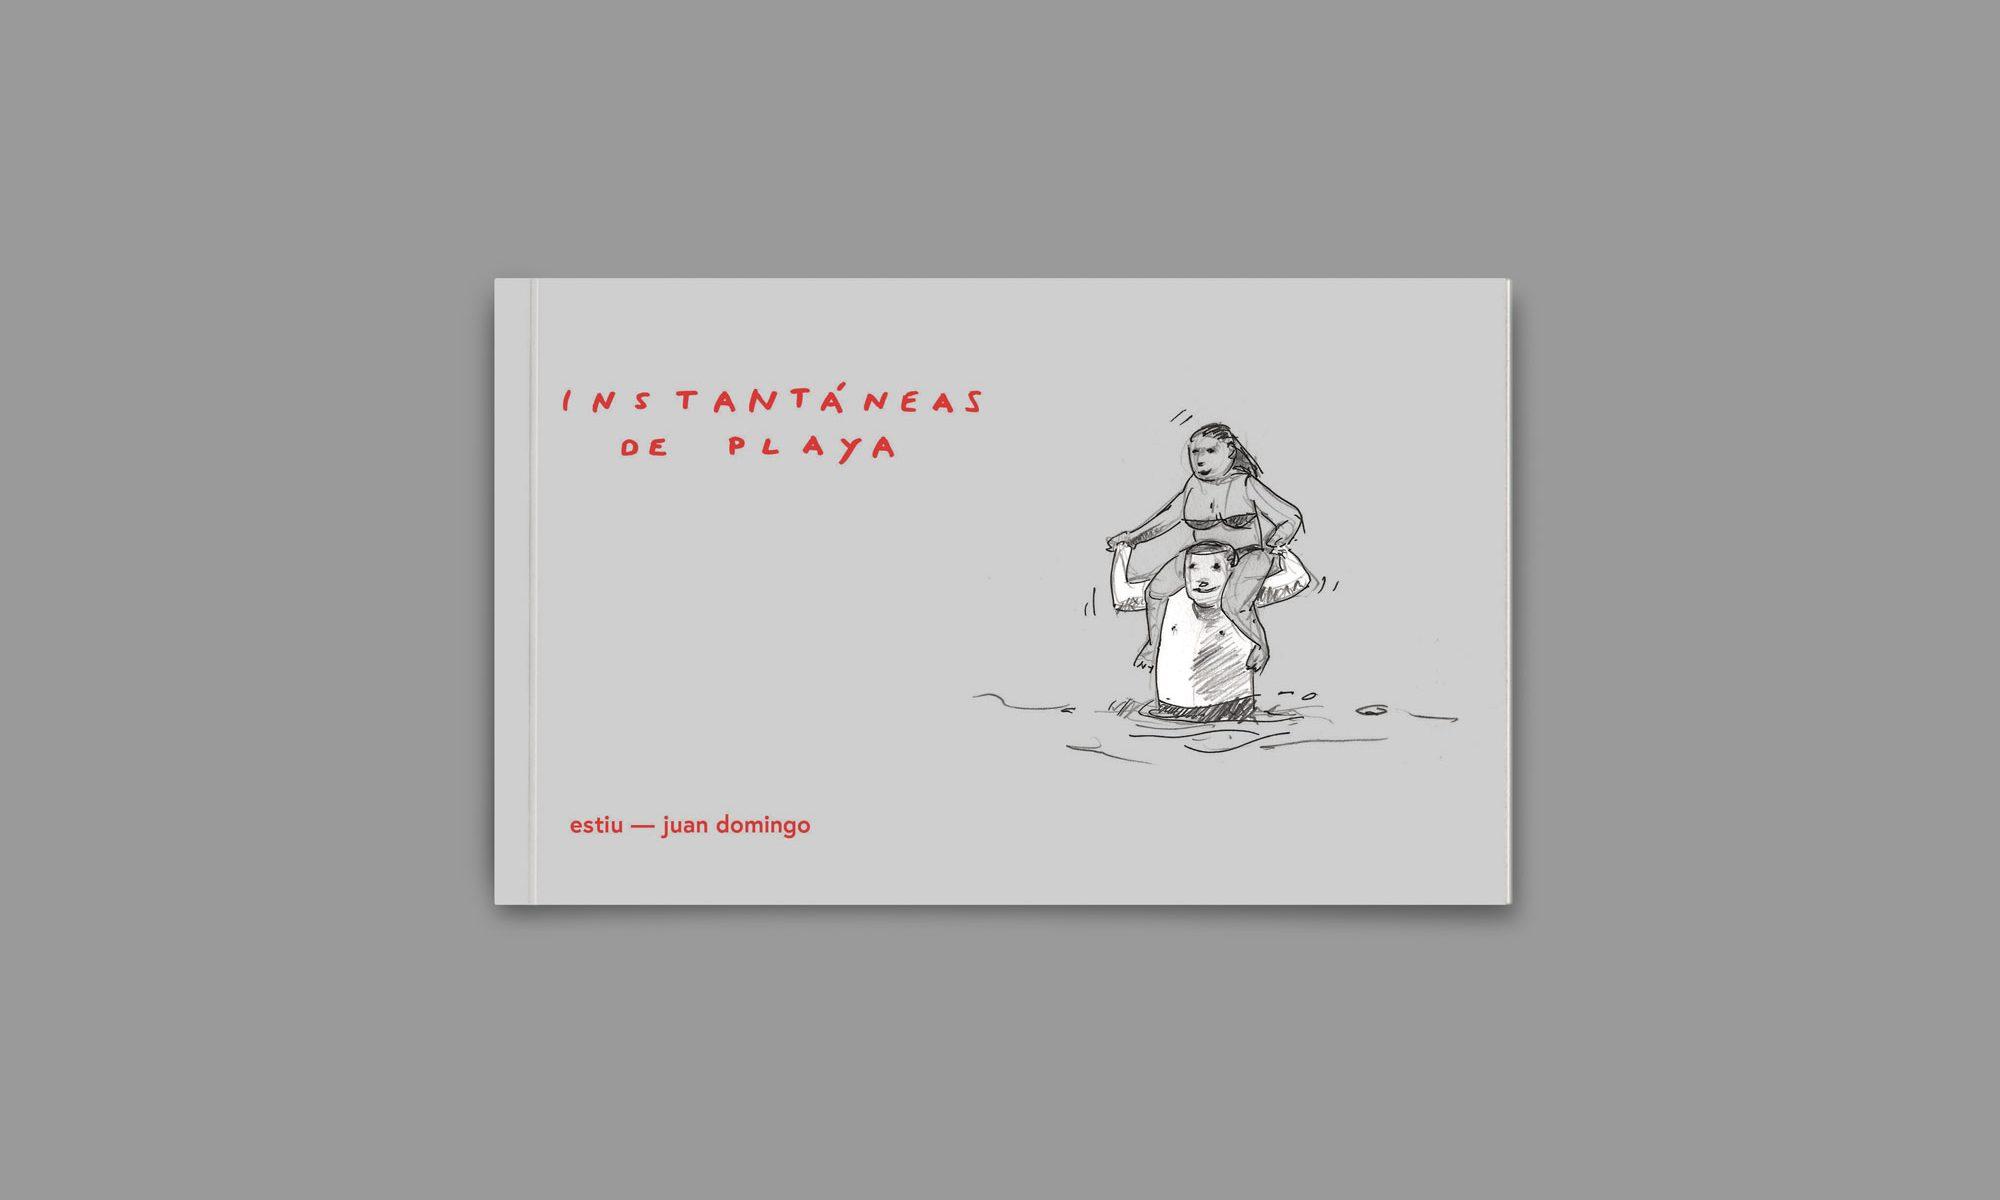 álbum ilustrado de Juan Domingo